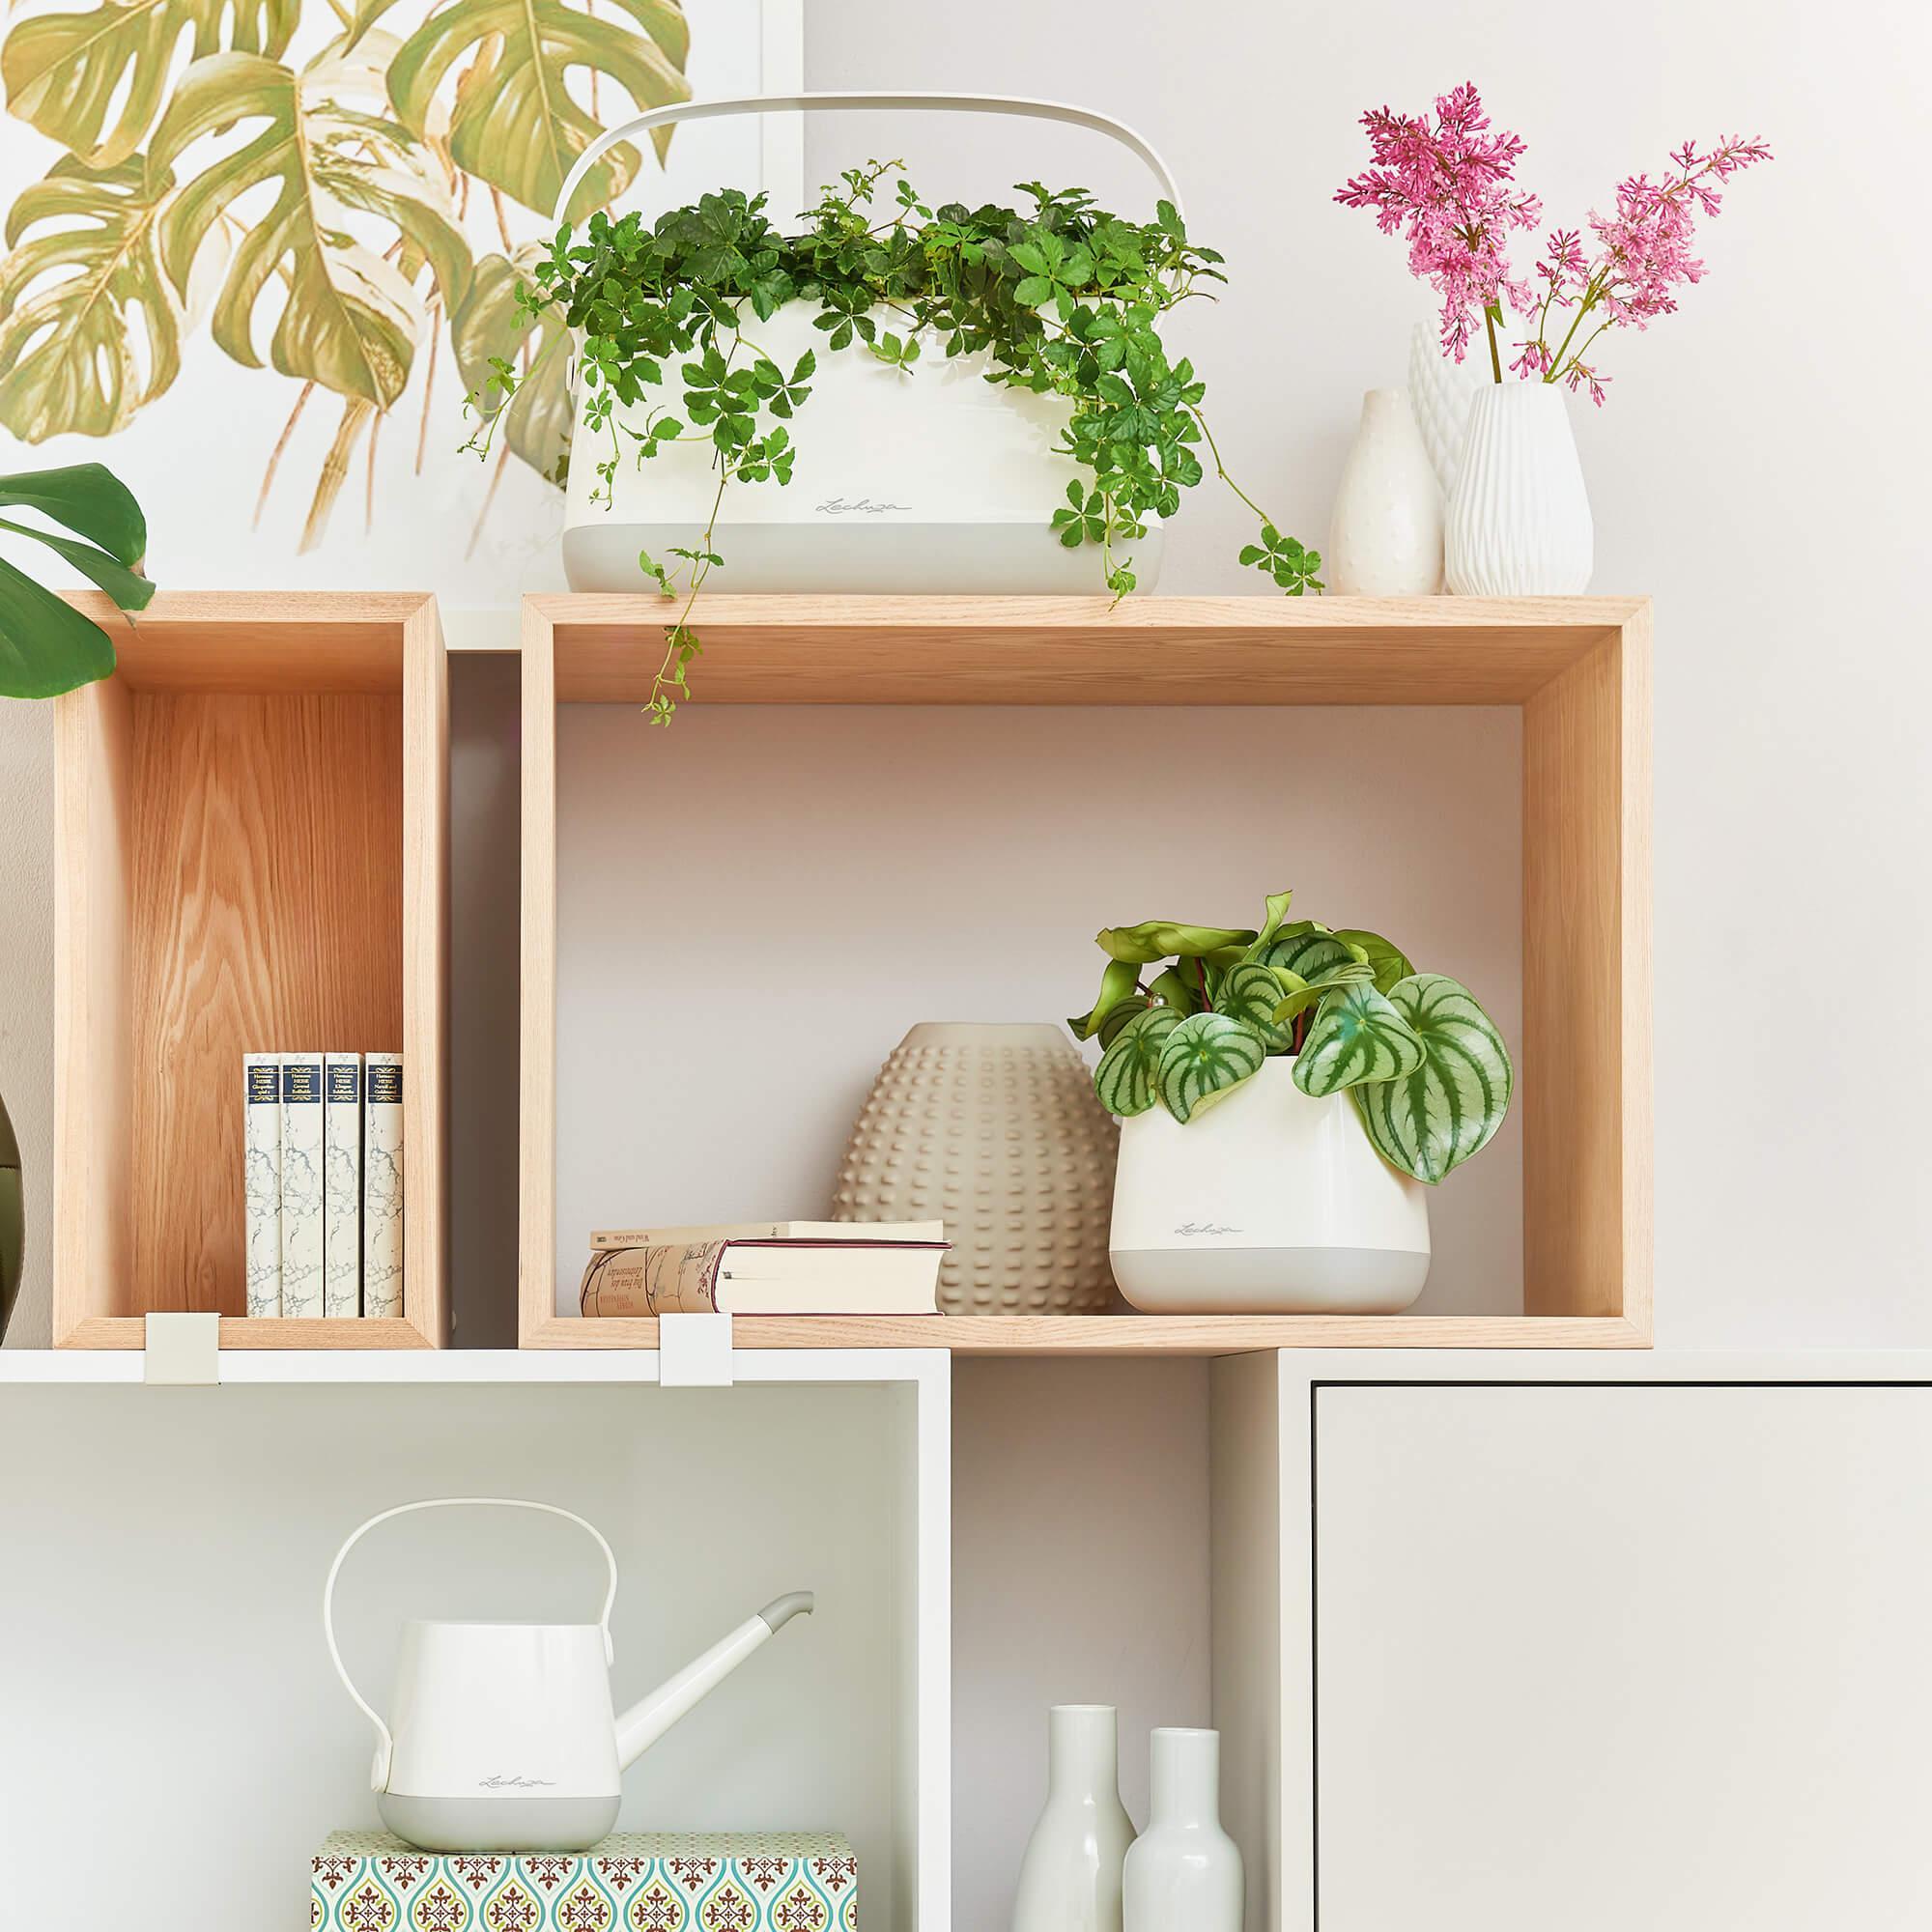 Borsetta per piante YULA bianco/grigio semi opache - Immagine 9